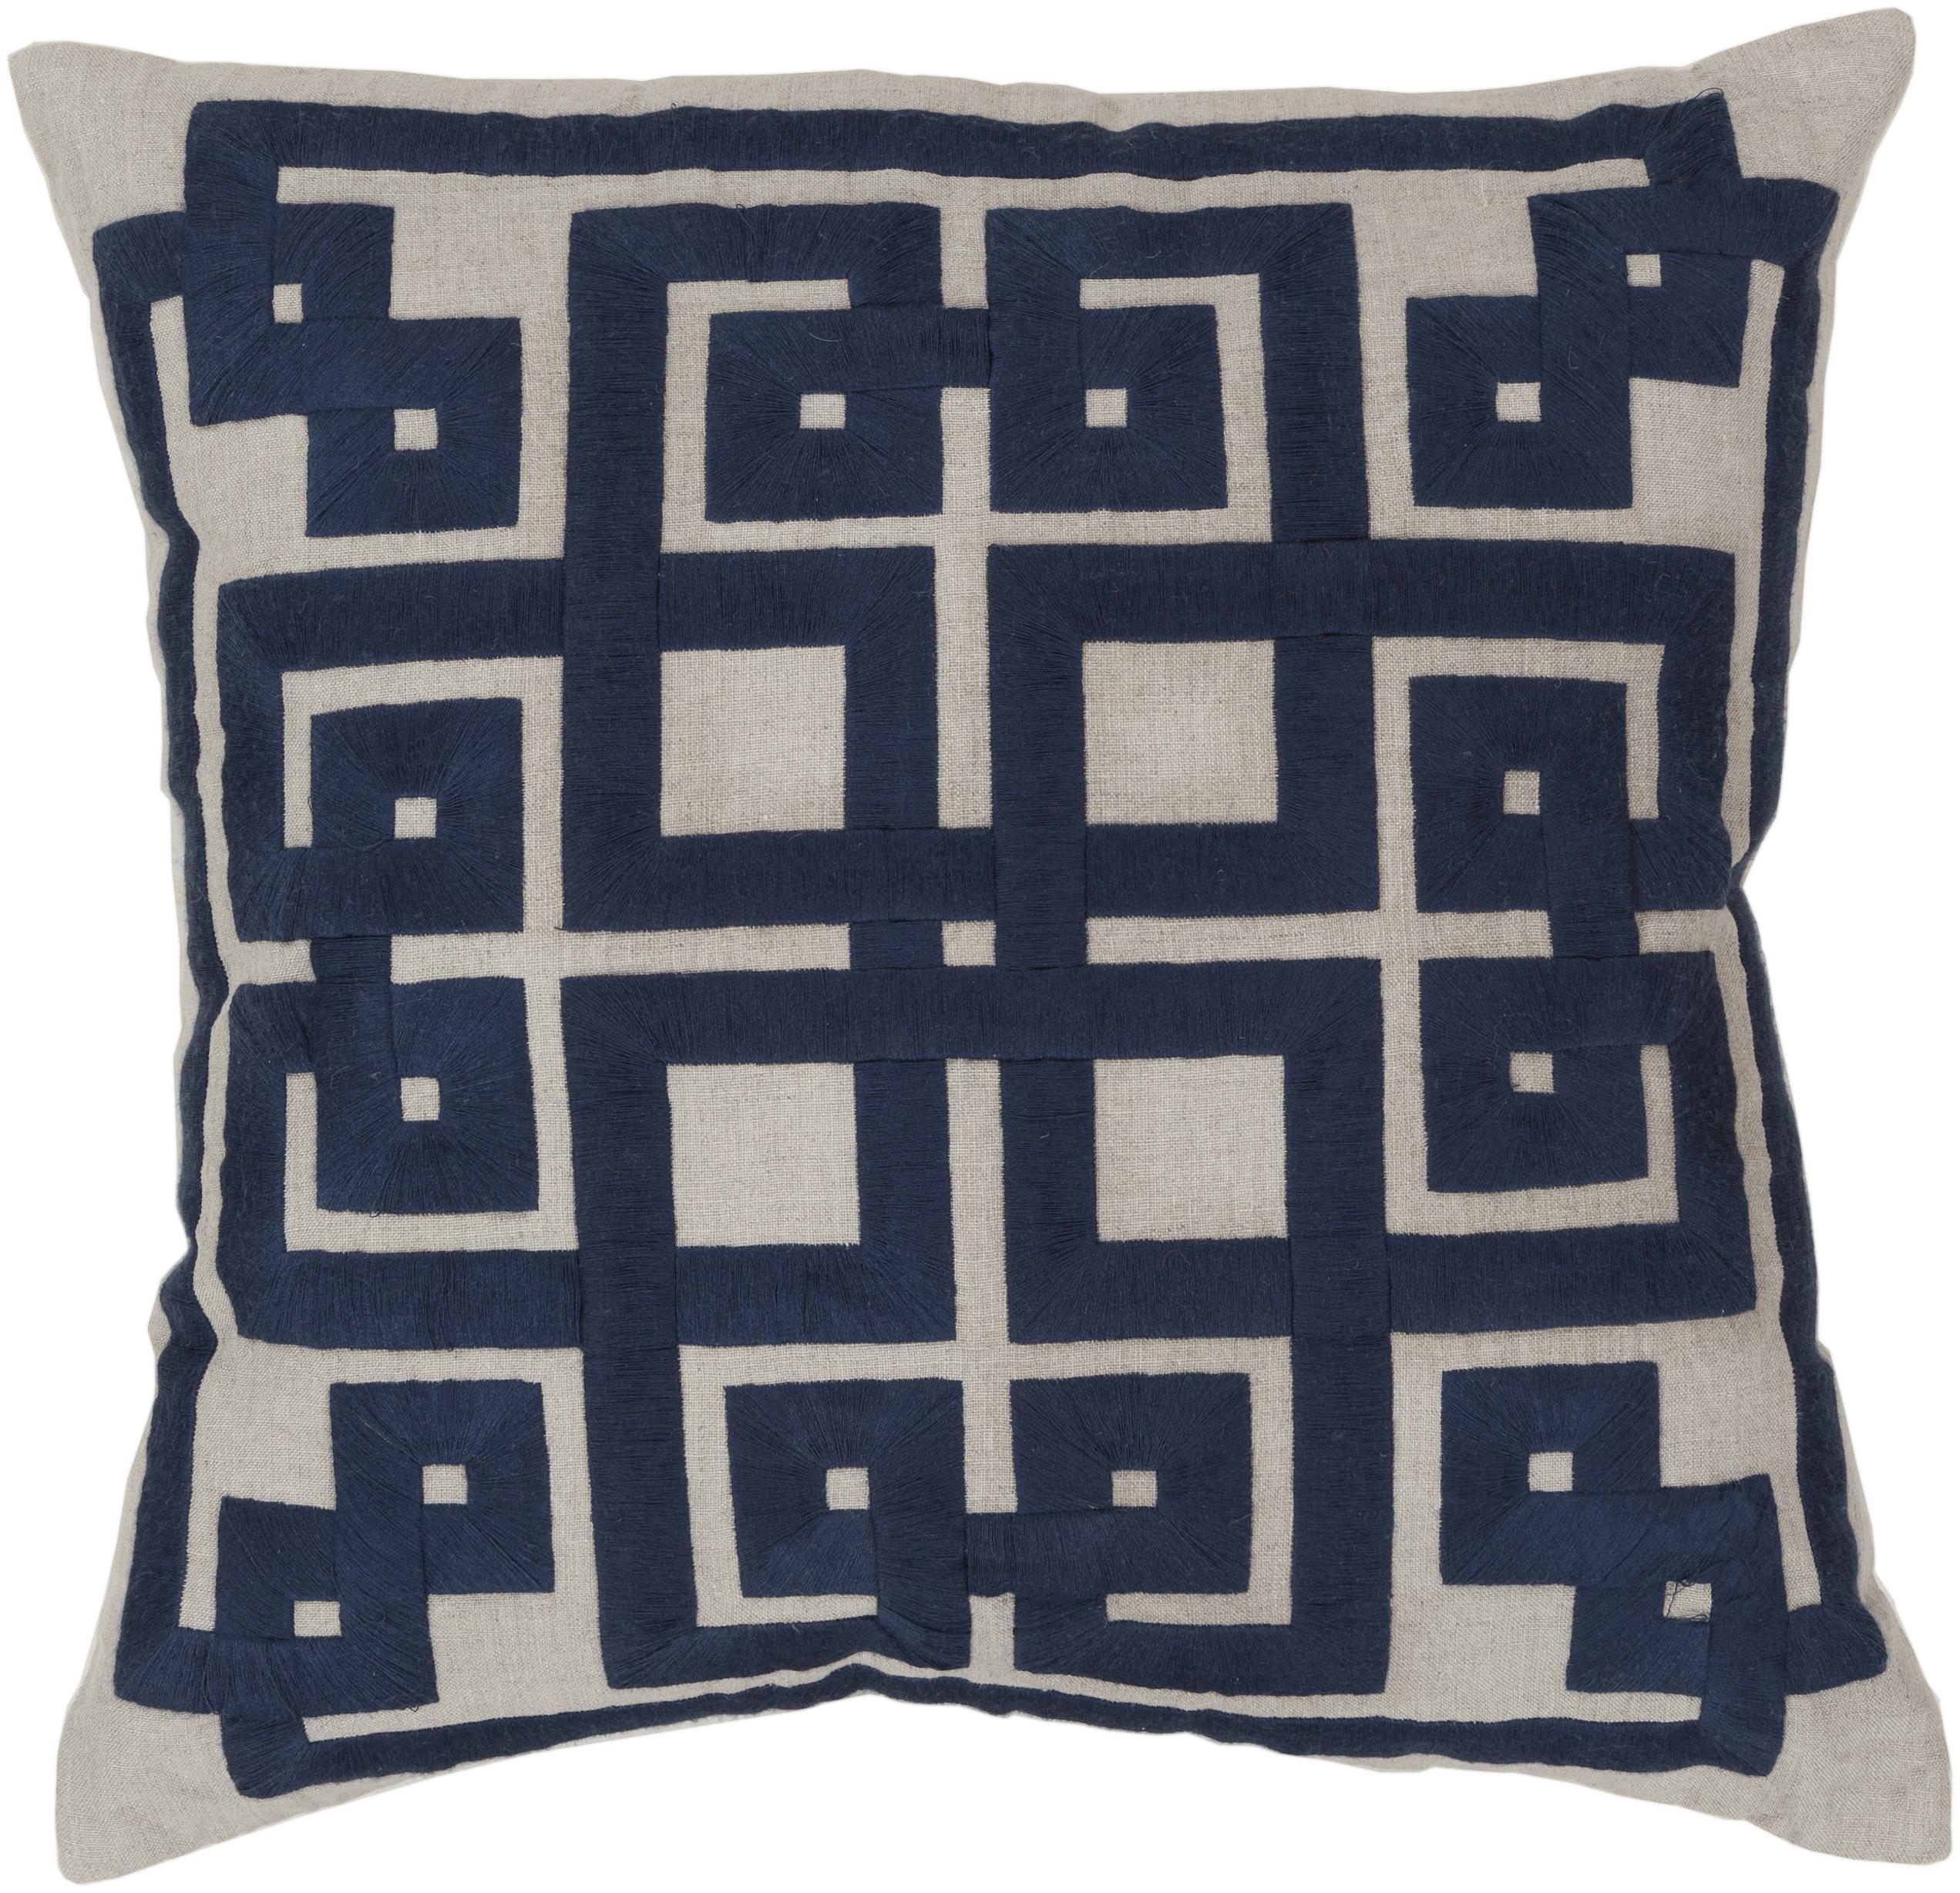 """Surya Rugs Pillows 22"""" x 22"""" Pillow - Item Number: LD002-2222P"""